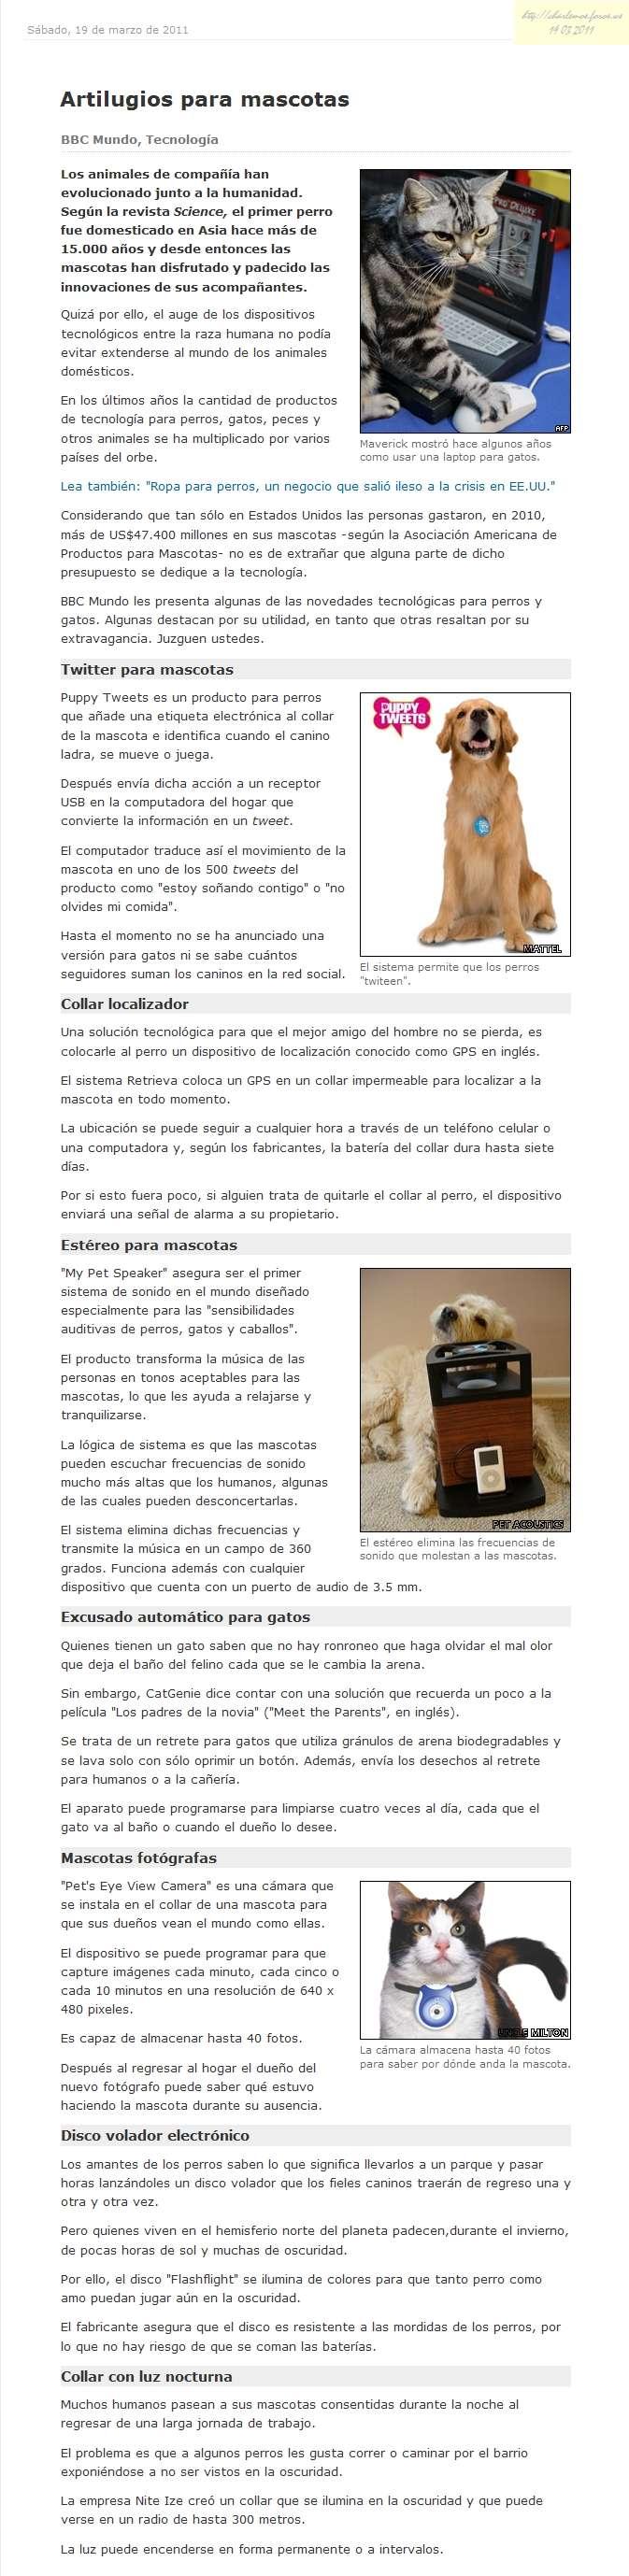 Nuestras mascotas novedades para ellos p gina 48 - Novedades para mascotas ...